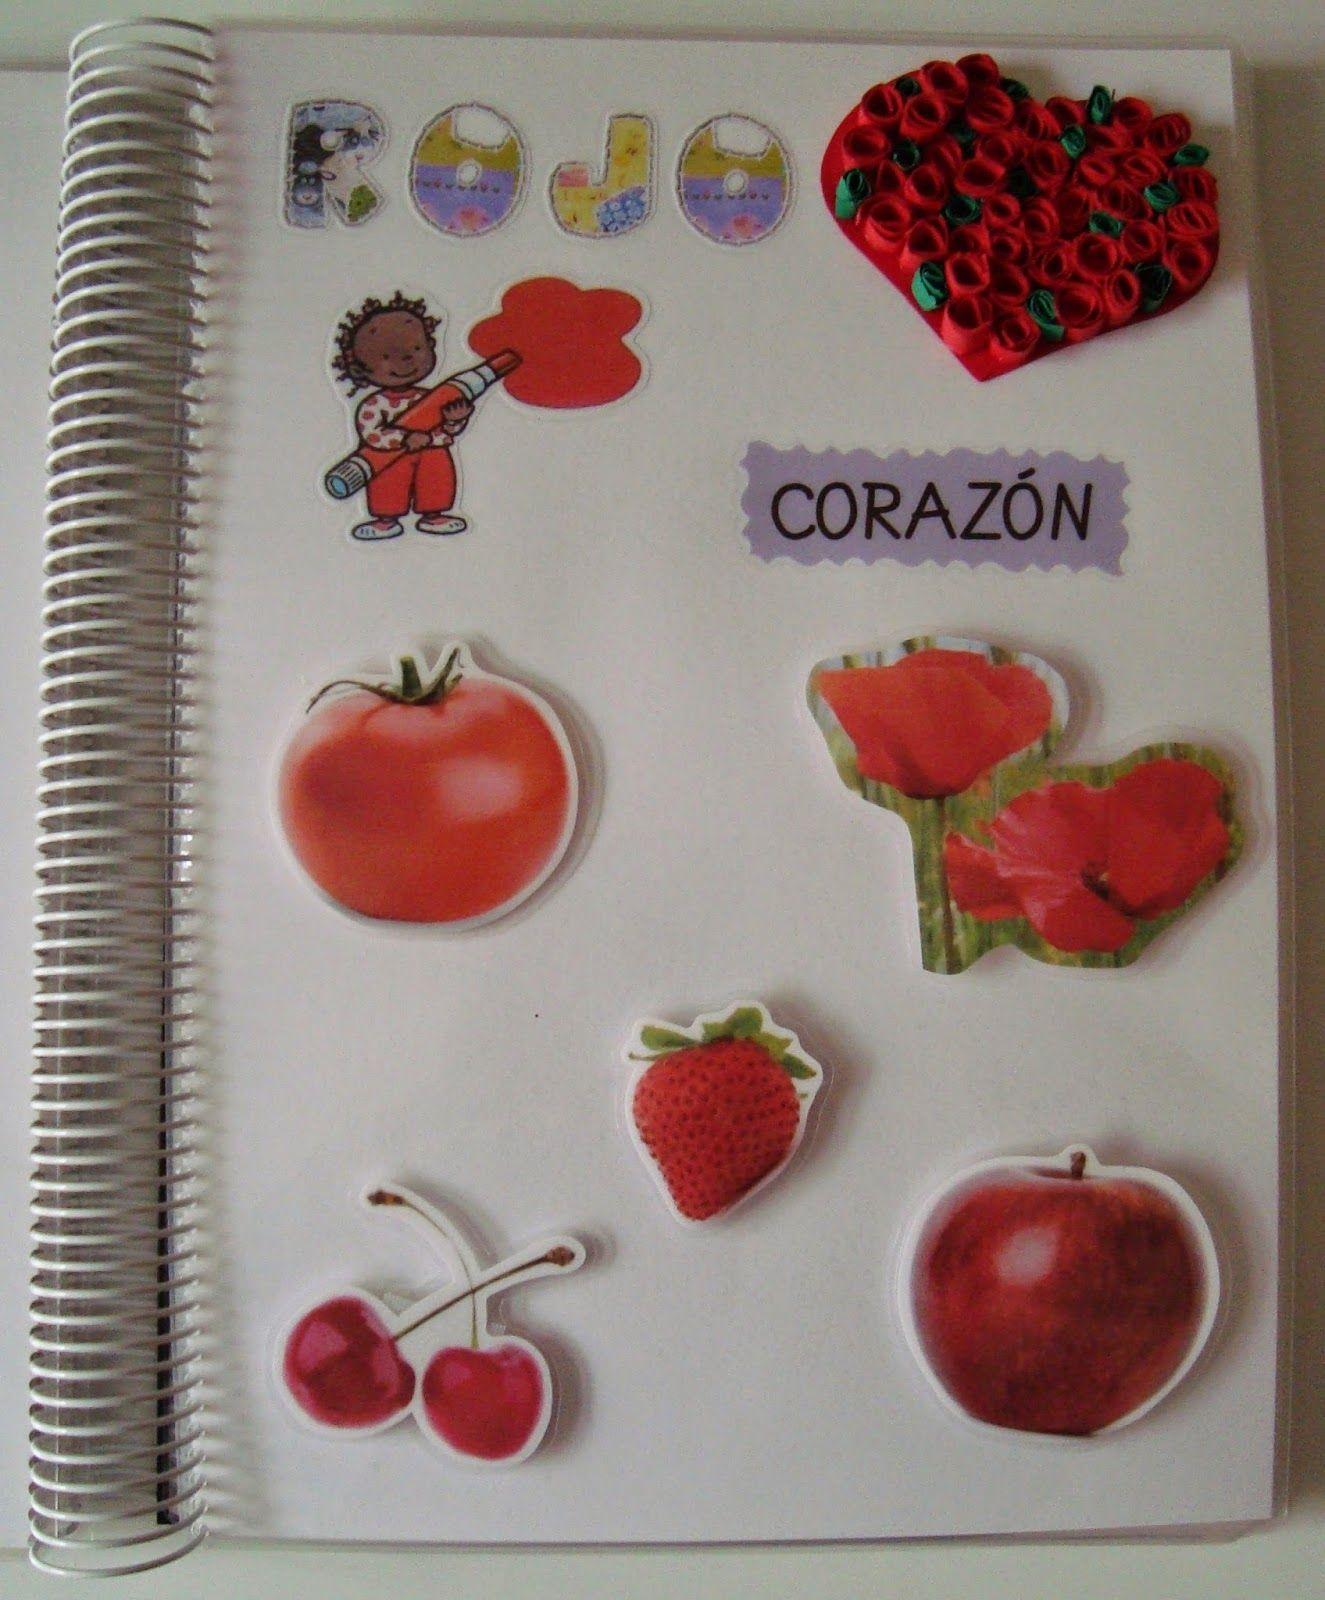 Plastificando ilusiones: El libro de los colores | preeschool ...